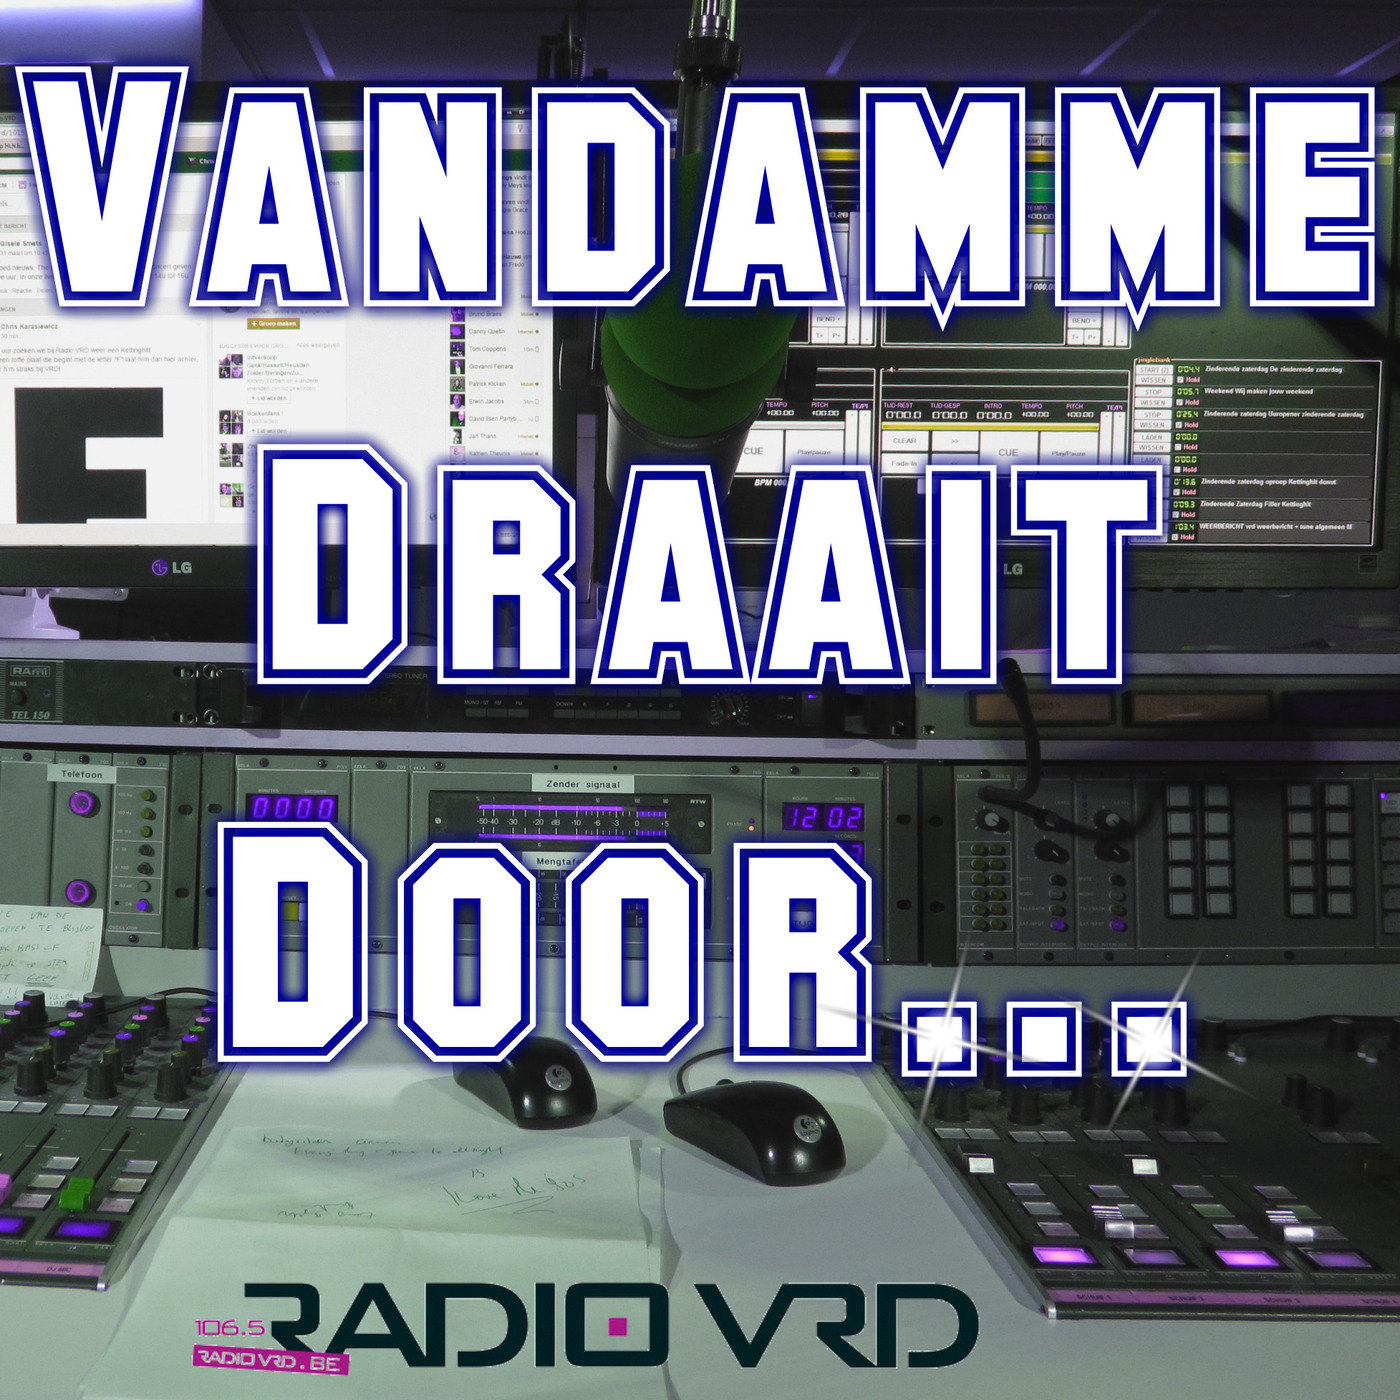 Vandamme Draait Door!